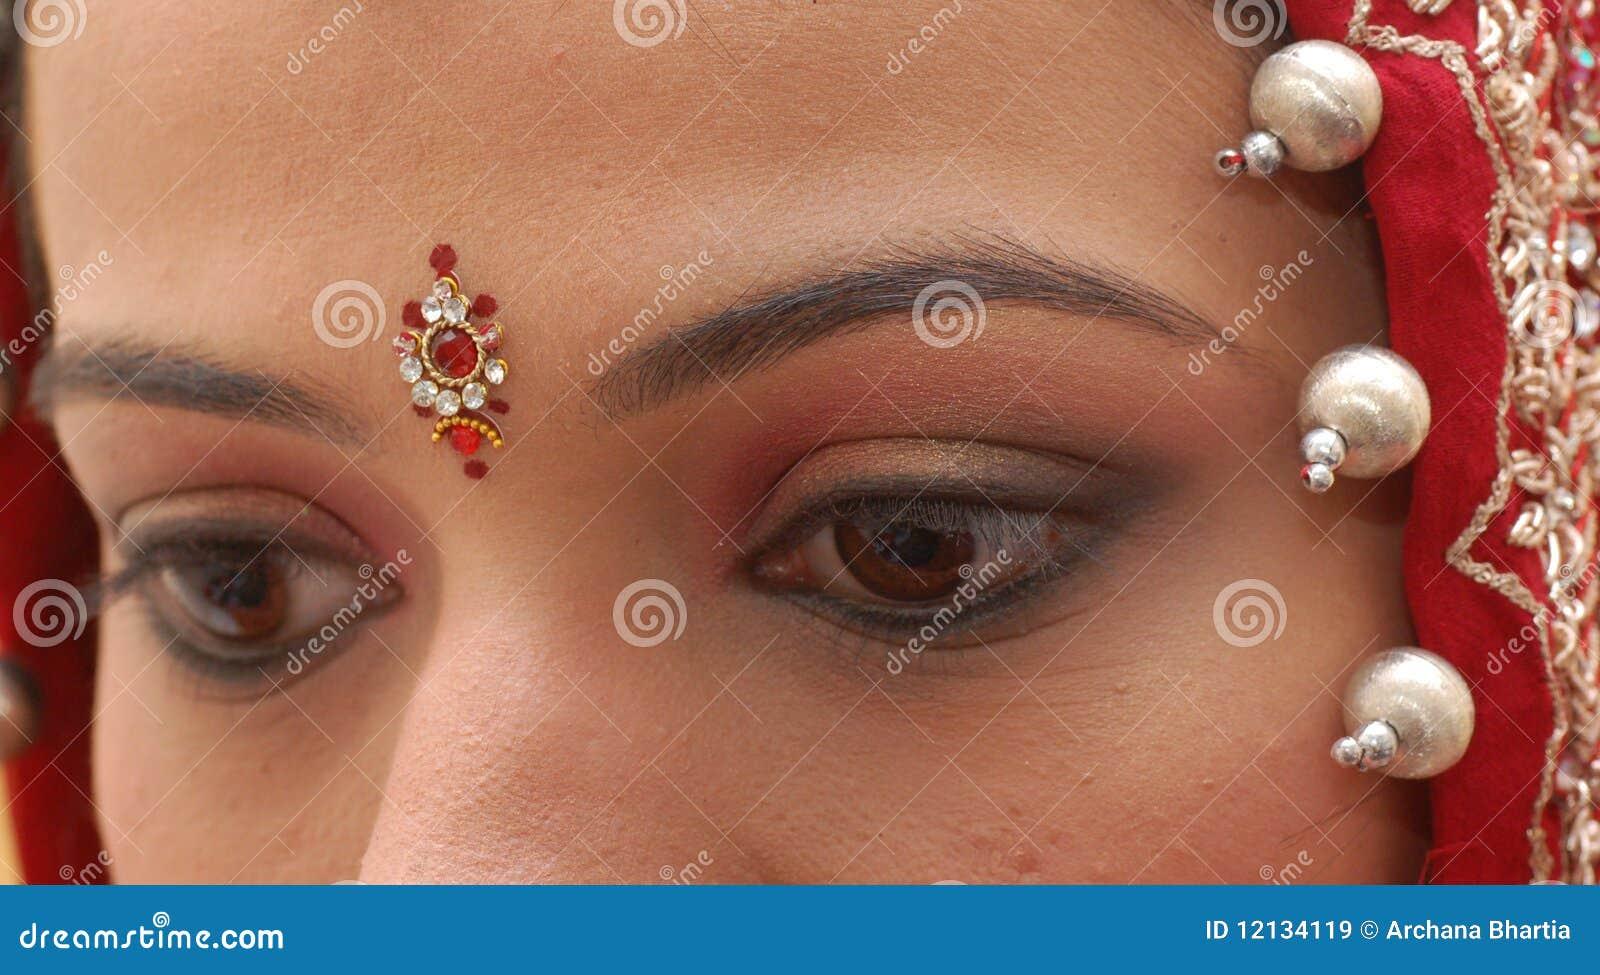 Indische Braut